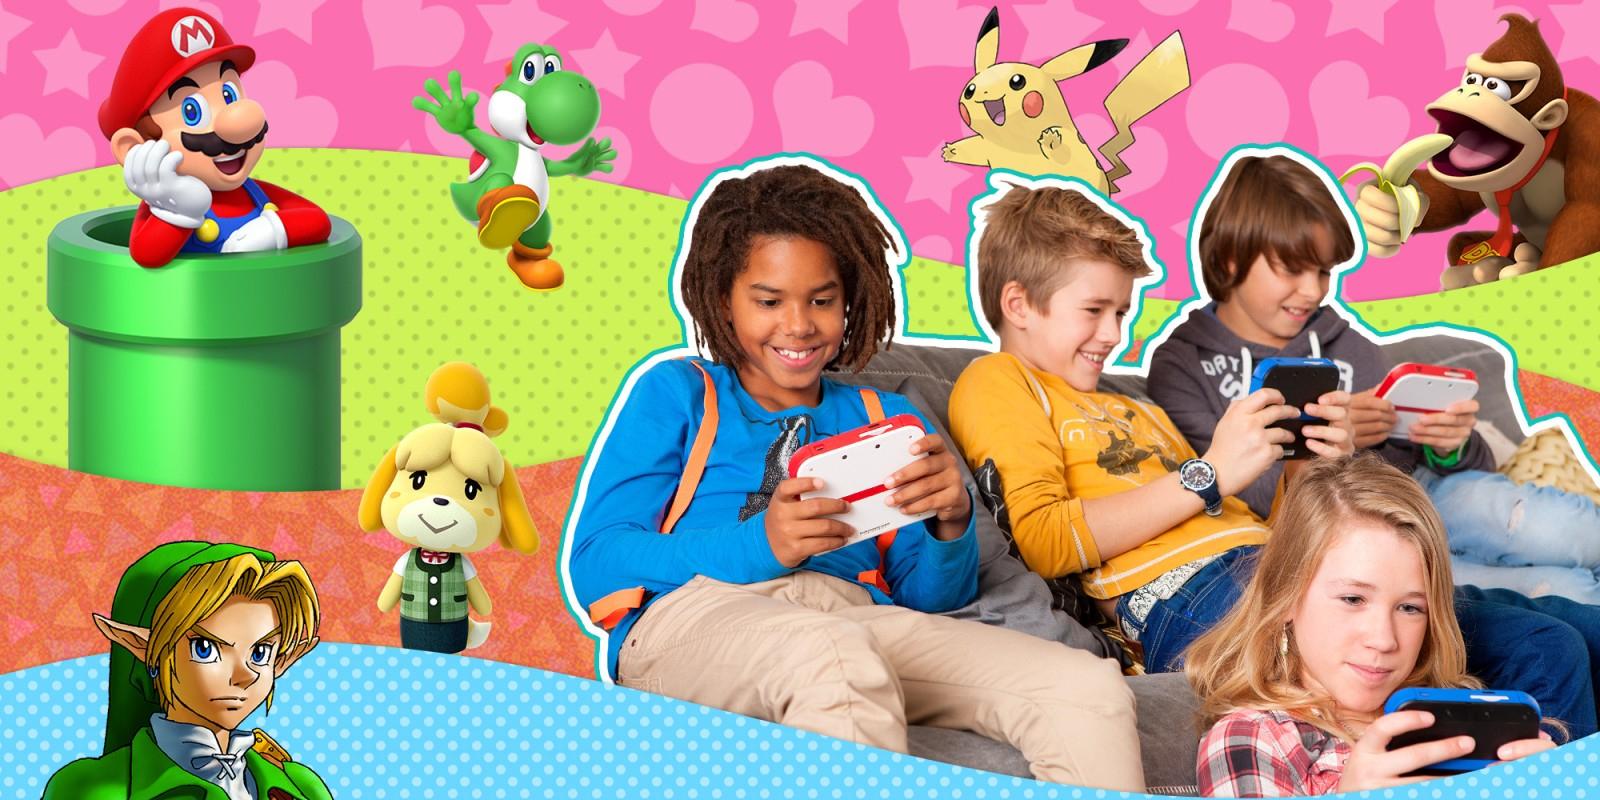 Jeux Nintendo Pour Les Enfants | Nintendo concernant Tous Les Jeux Gratuits De Fille